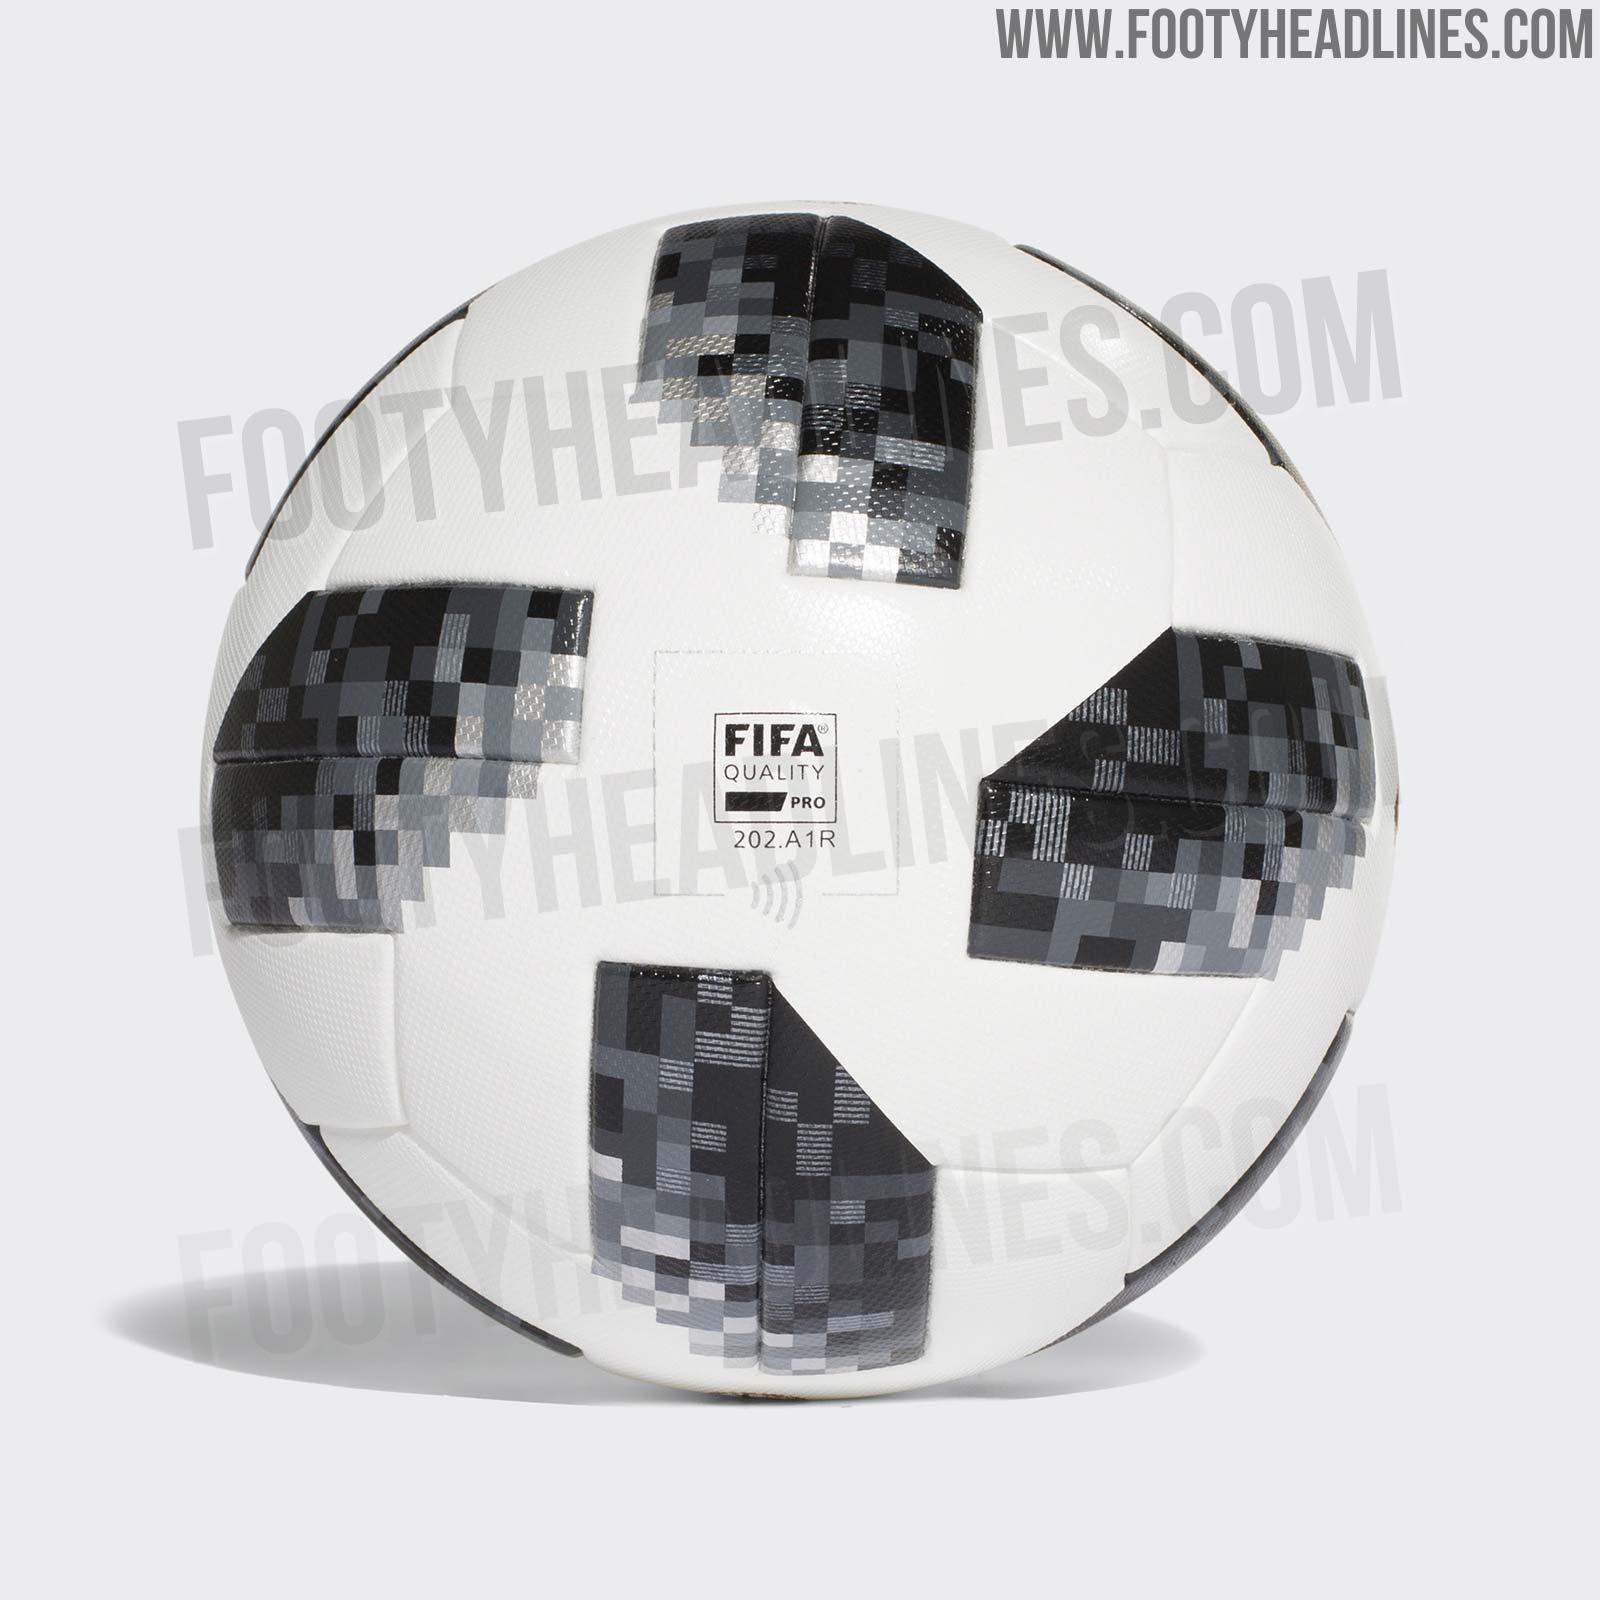 Wonderful Football Ball World Cup 2018 - adidas-telstar-2018-world-cup-ball-3  Trends_9410053 .jpg